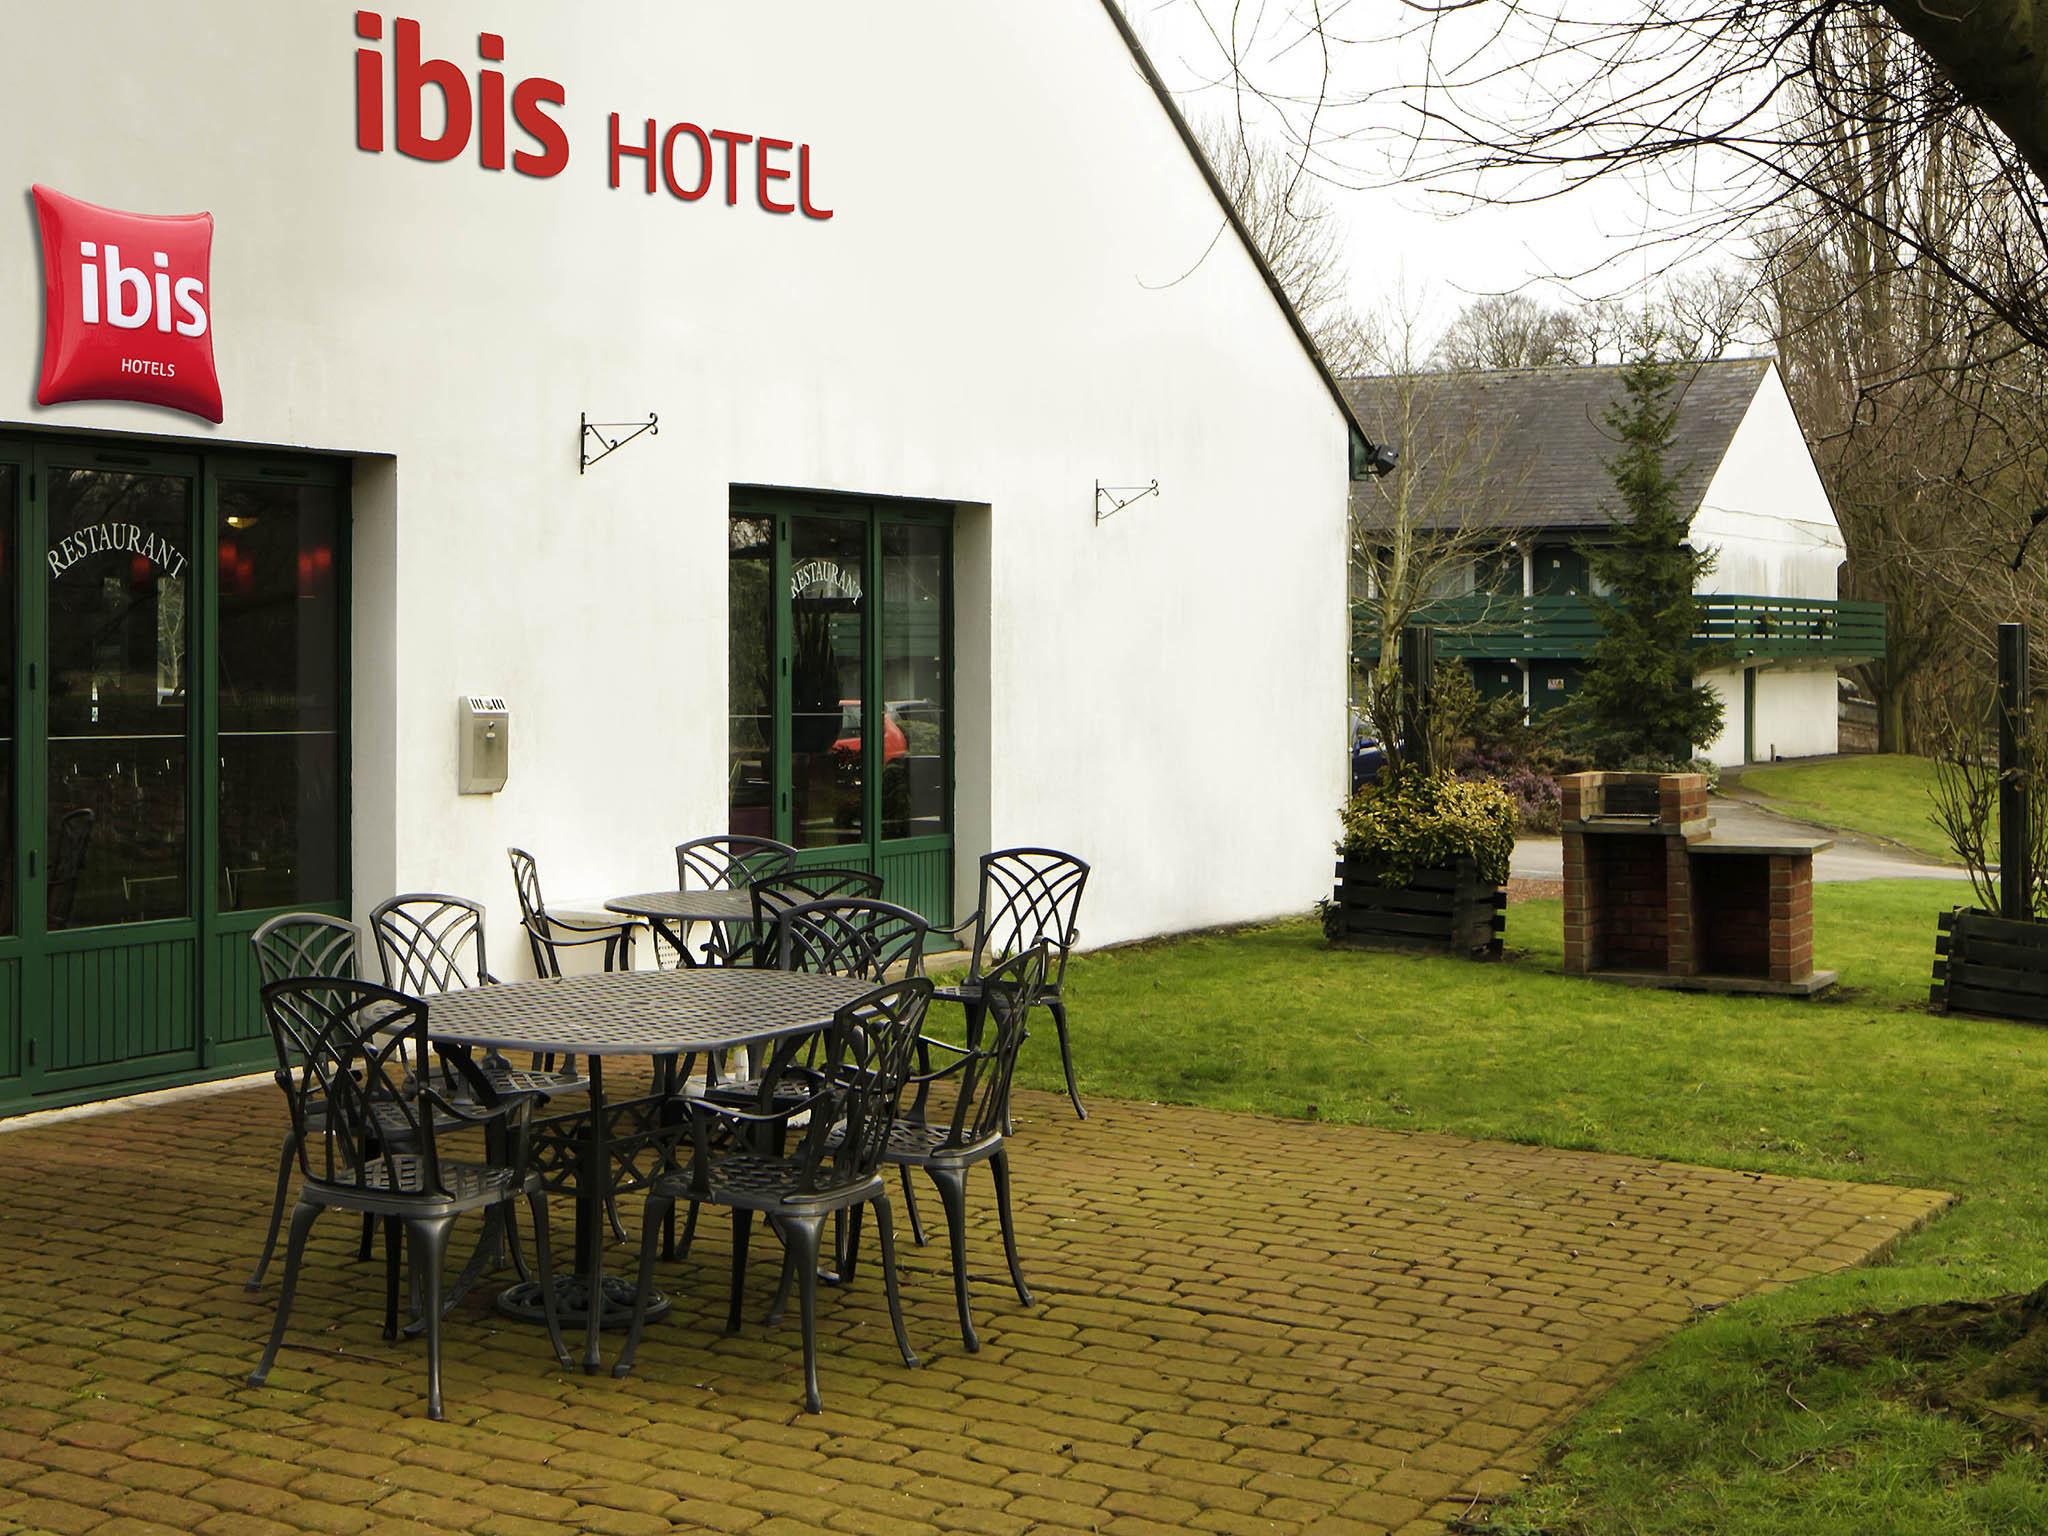 Ibis Hotel Postcode